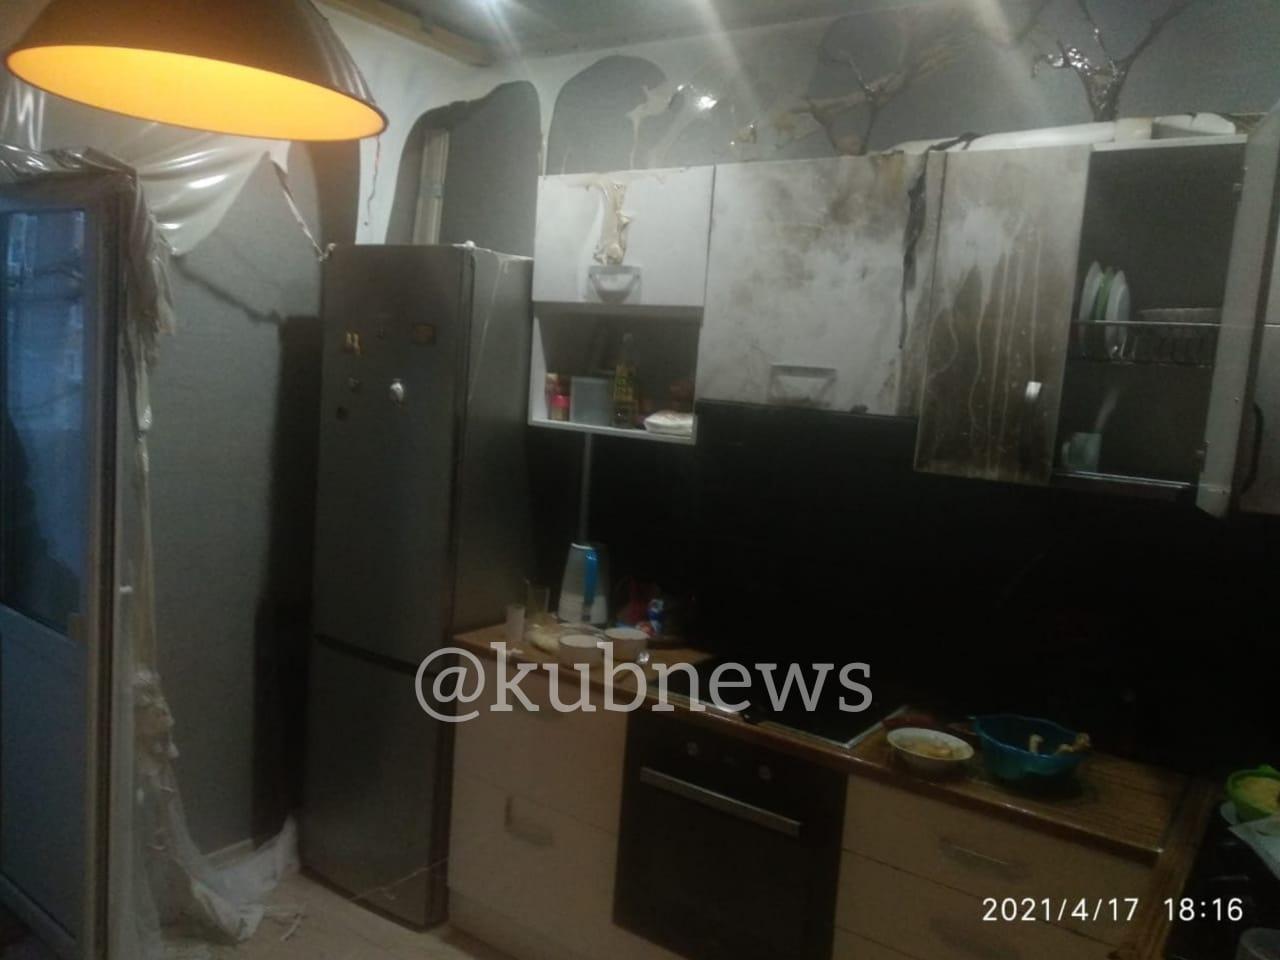 Опубликованы фото из квартиры, где женщина получила ожоги из-за «вспышки масла»